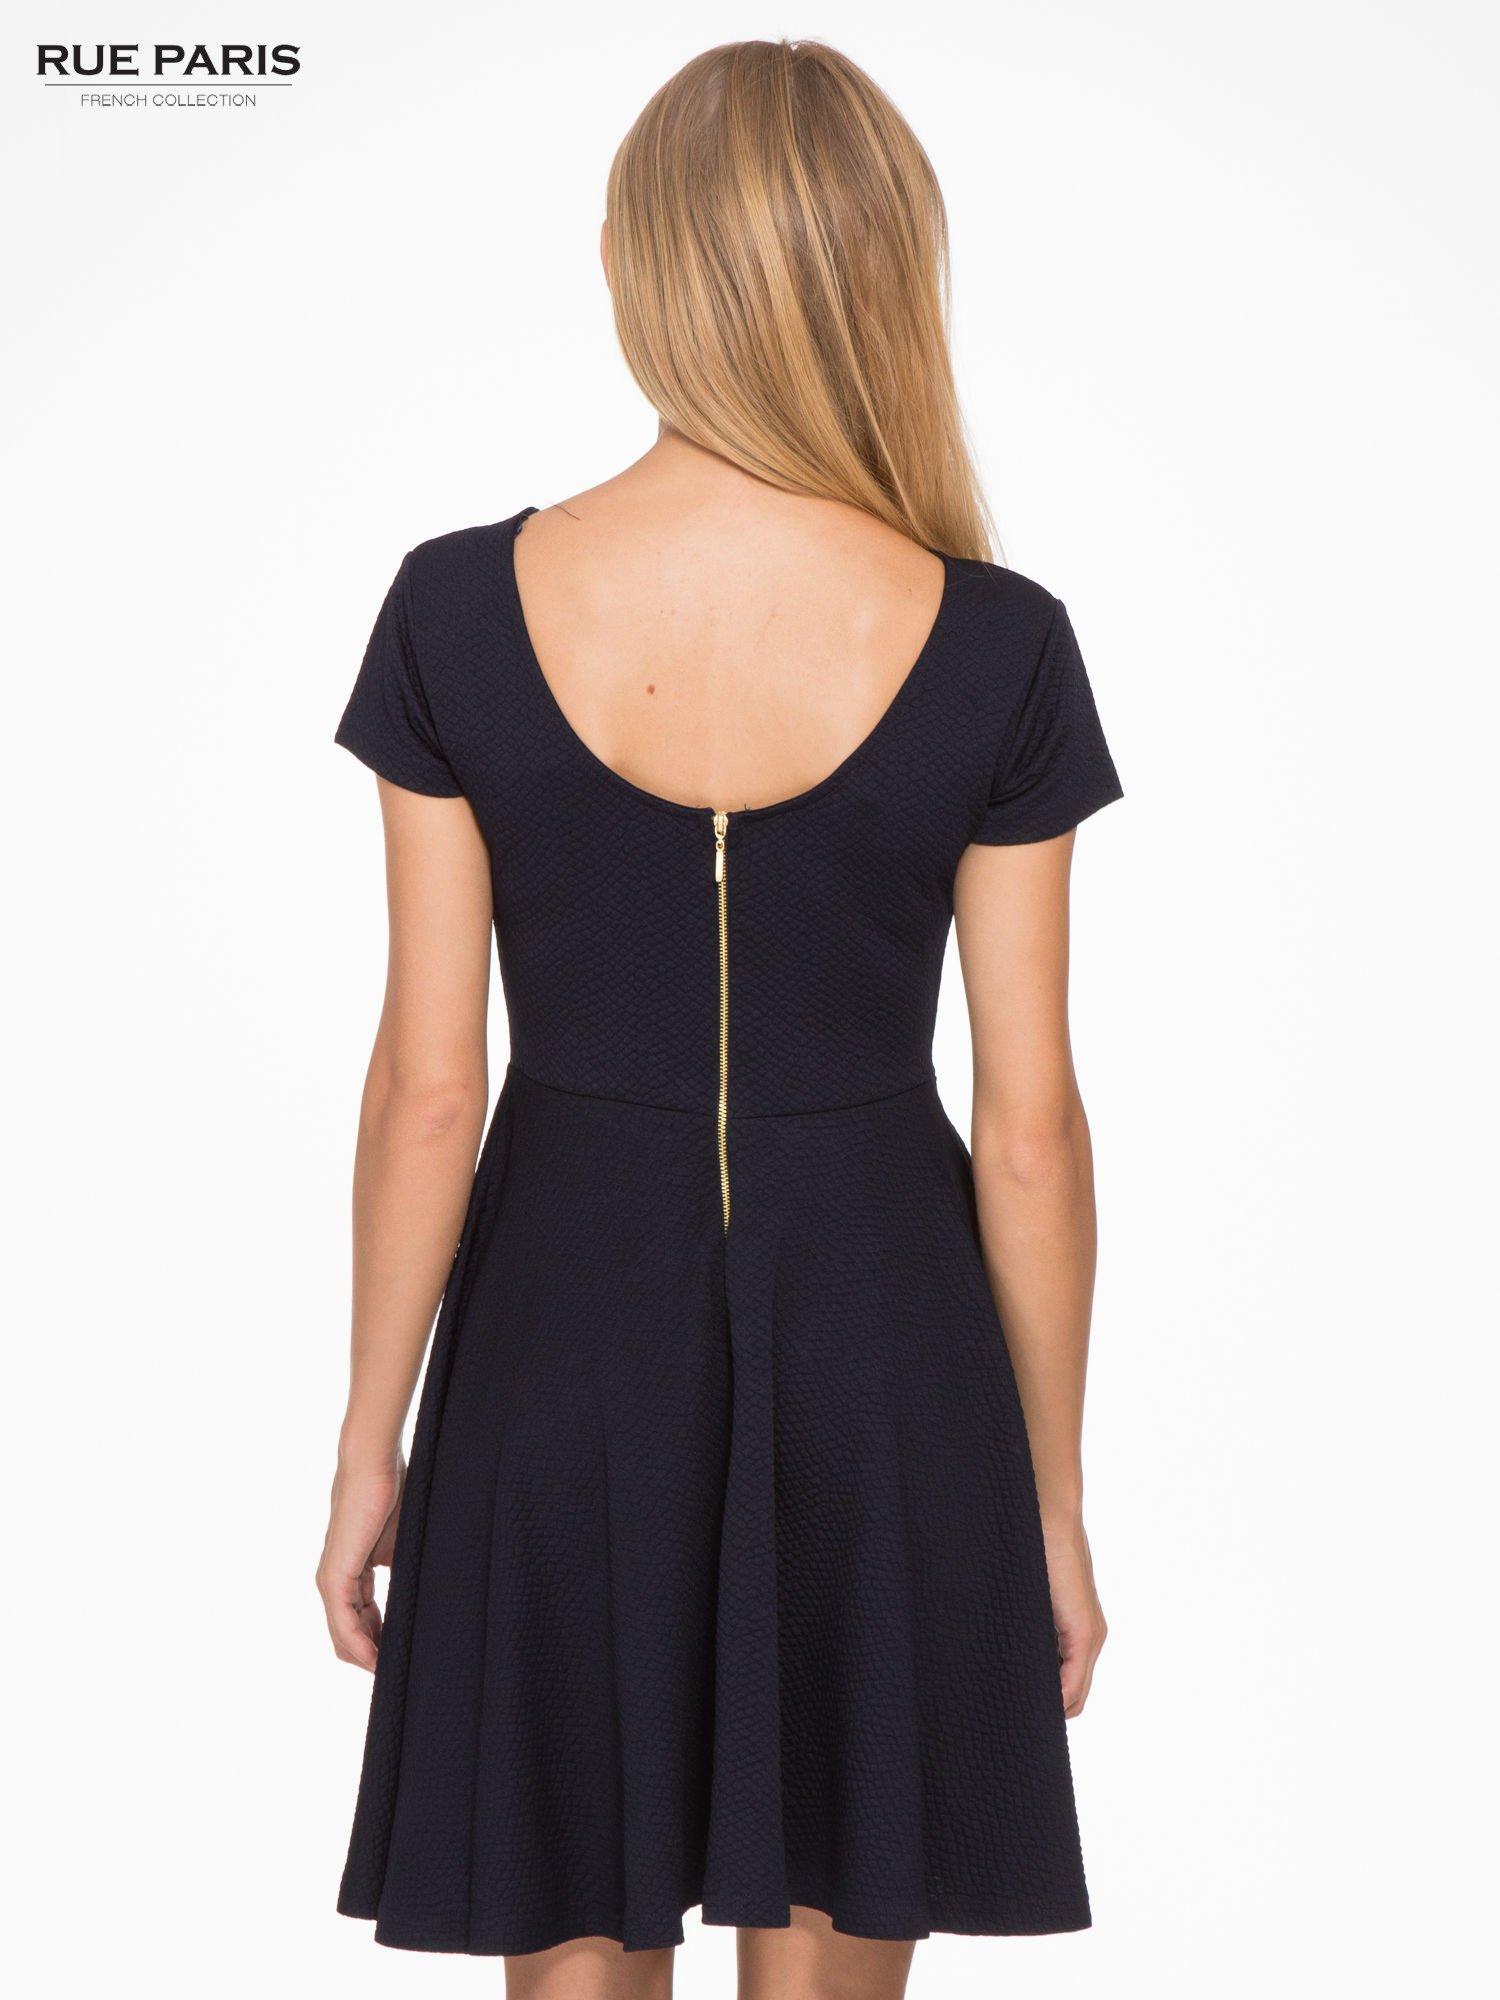 Granatowa fakturowana sukienka z zakładkami i zamkiem z tyłu                                  zdj.                                  4